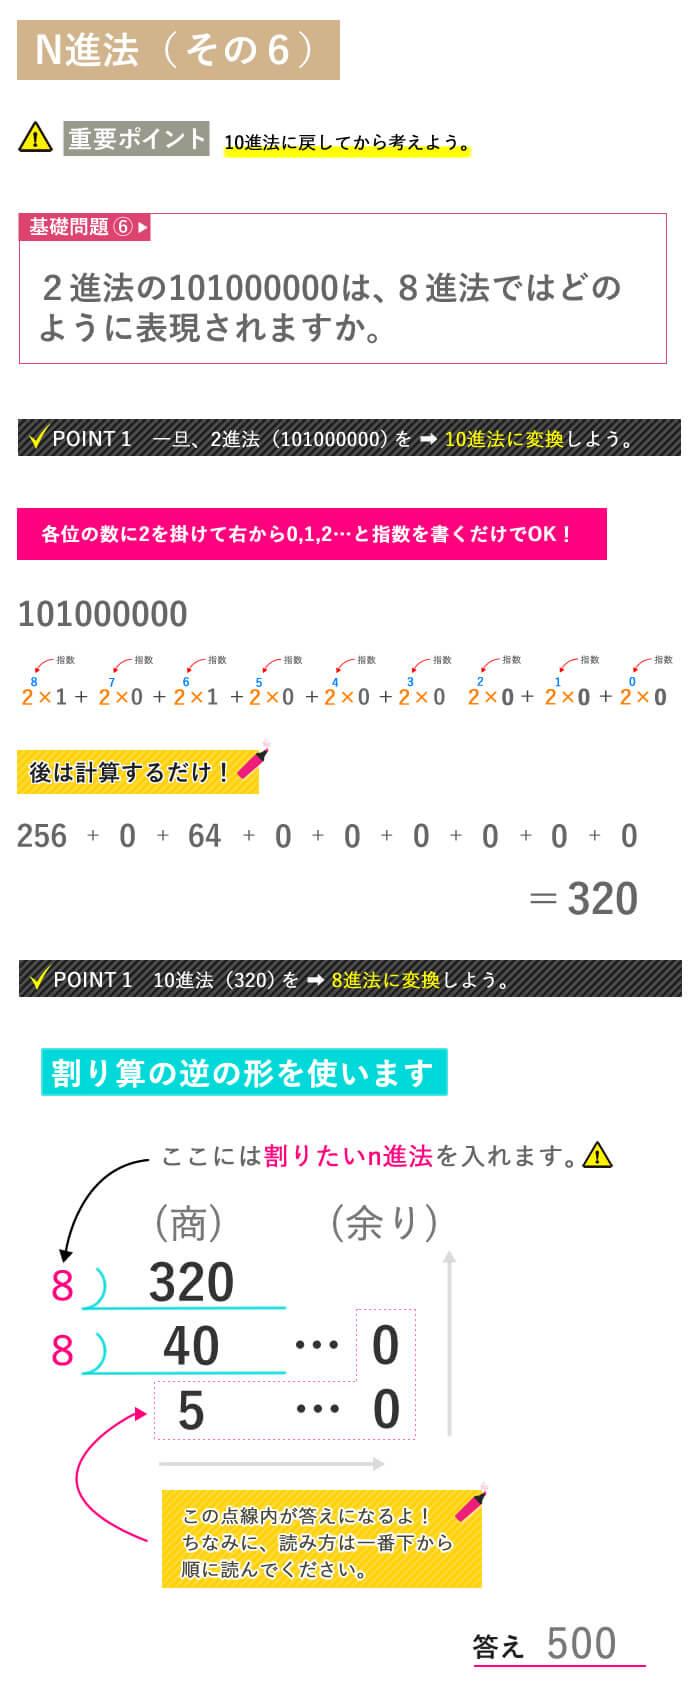 看護予備校大阪KAZアカデミーの看護数学【n進法 図解説明その6】